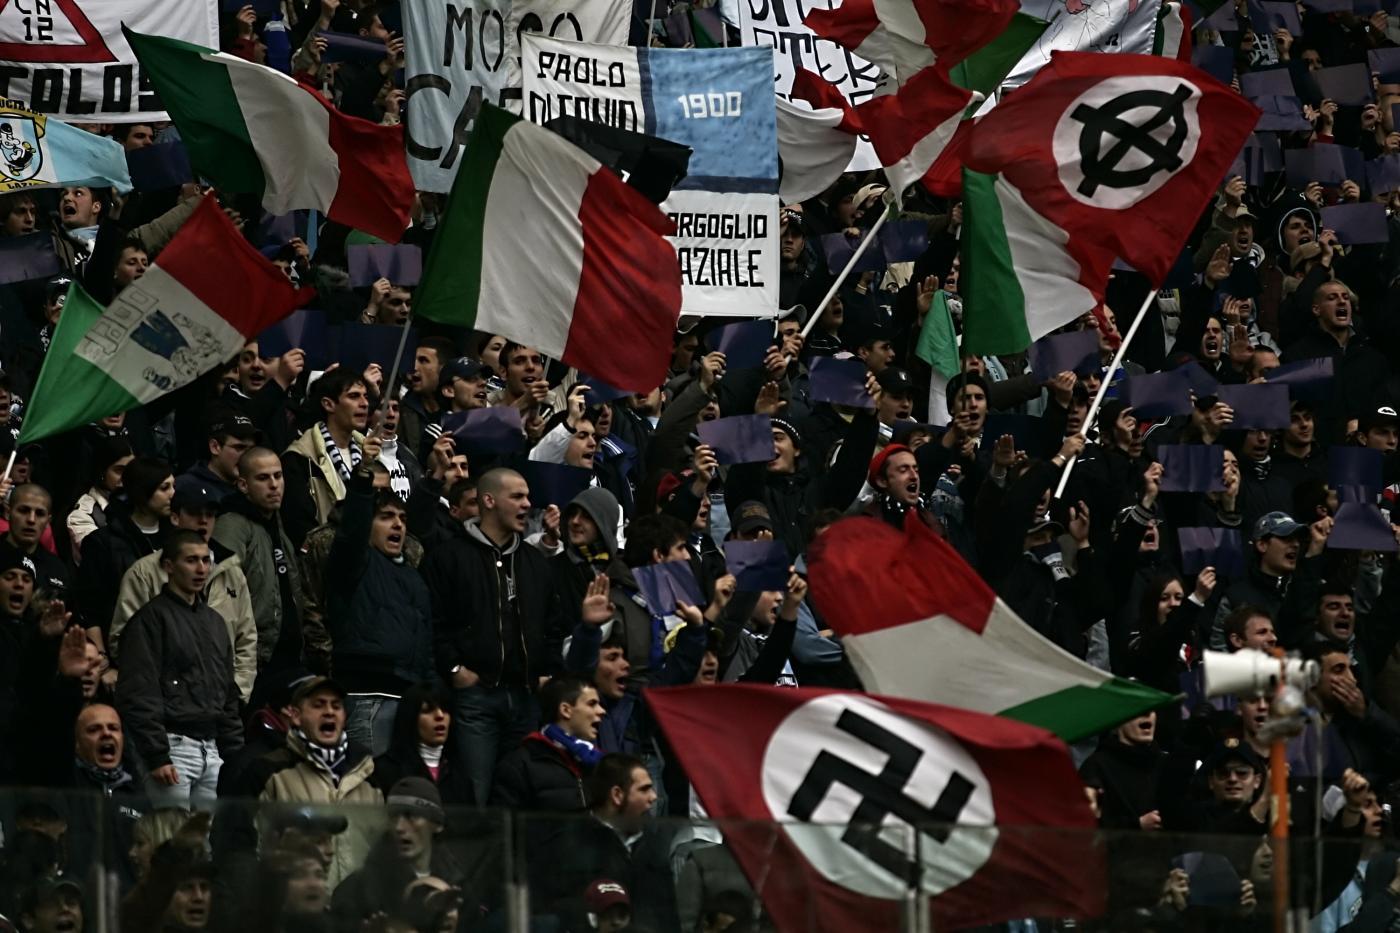 Risultati immagini per Ultras laziali fascisti immagini